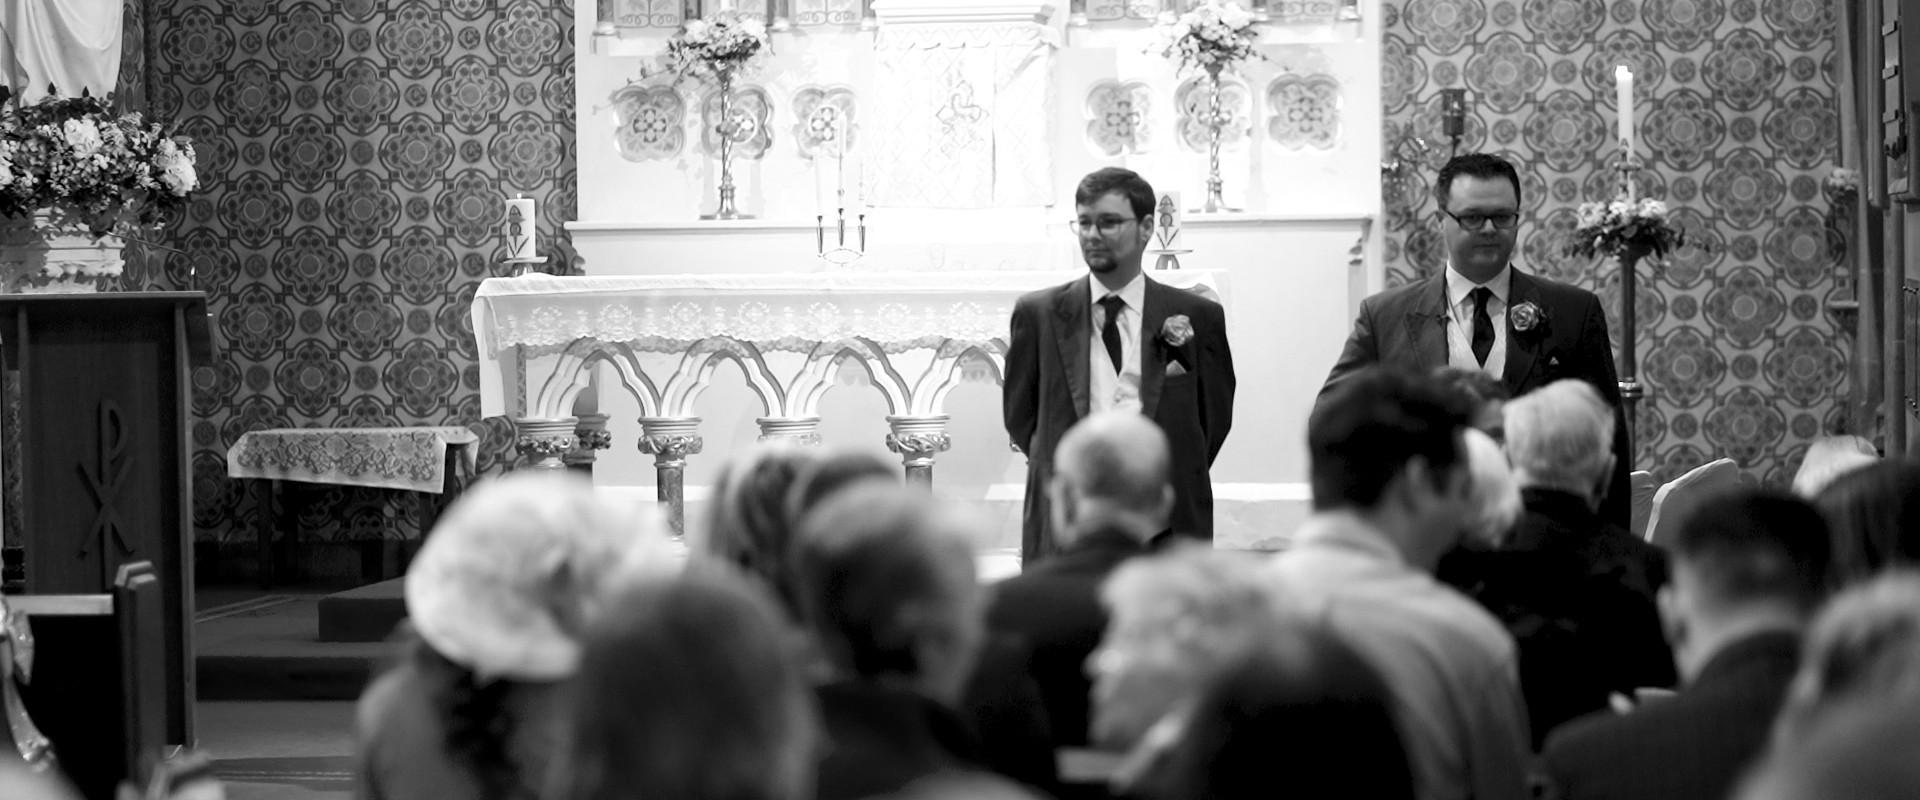 Wedding-ShortFilm-BW.00_01_48_20.Still01